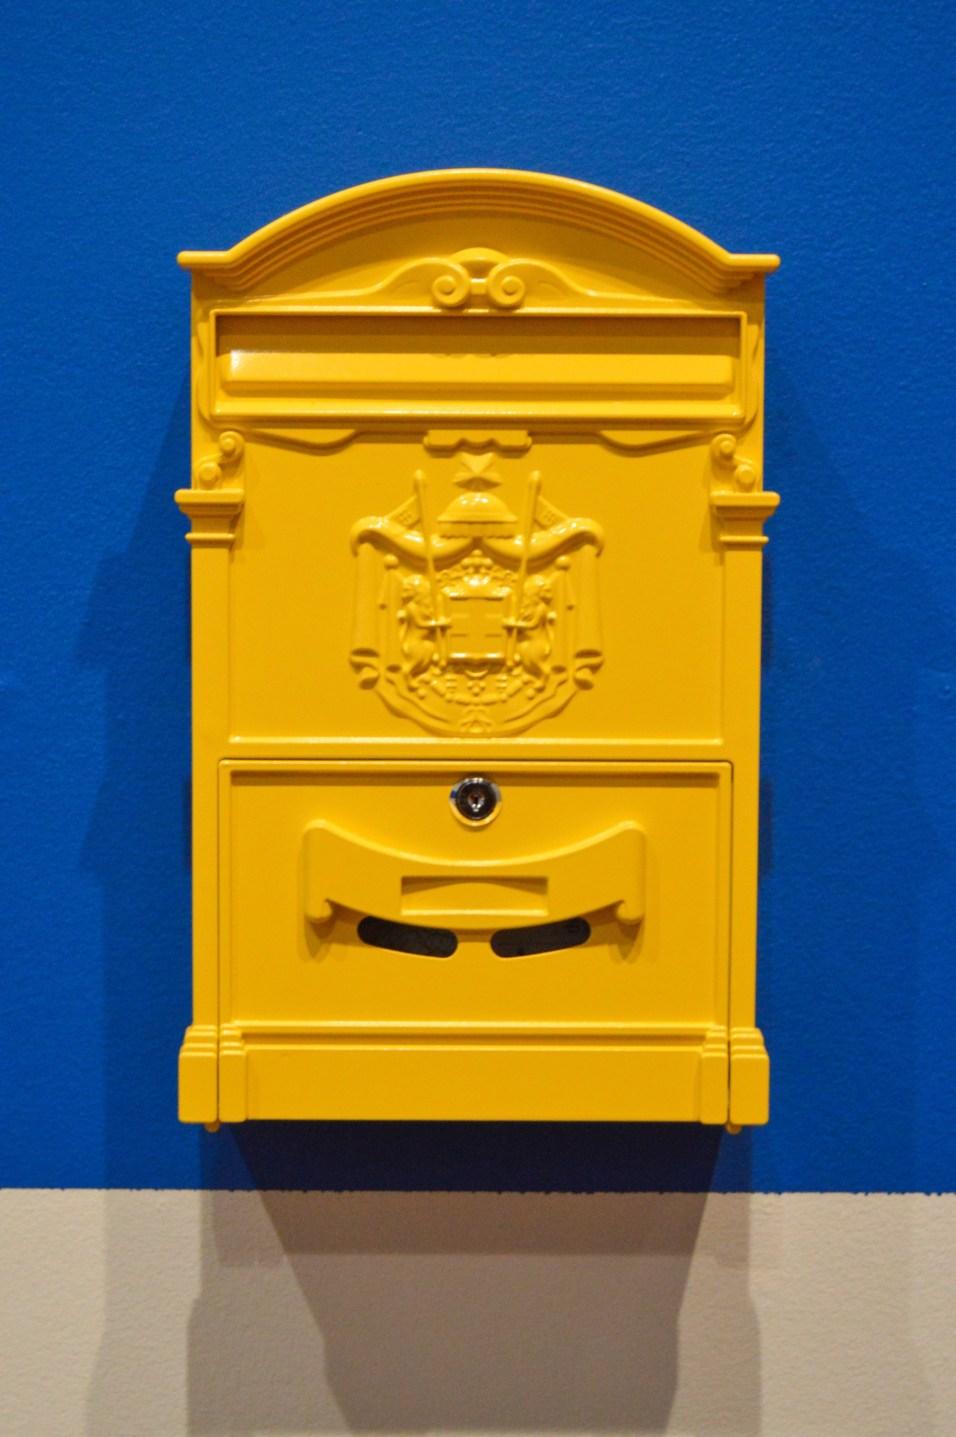 Miro Mailbox